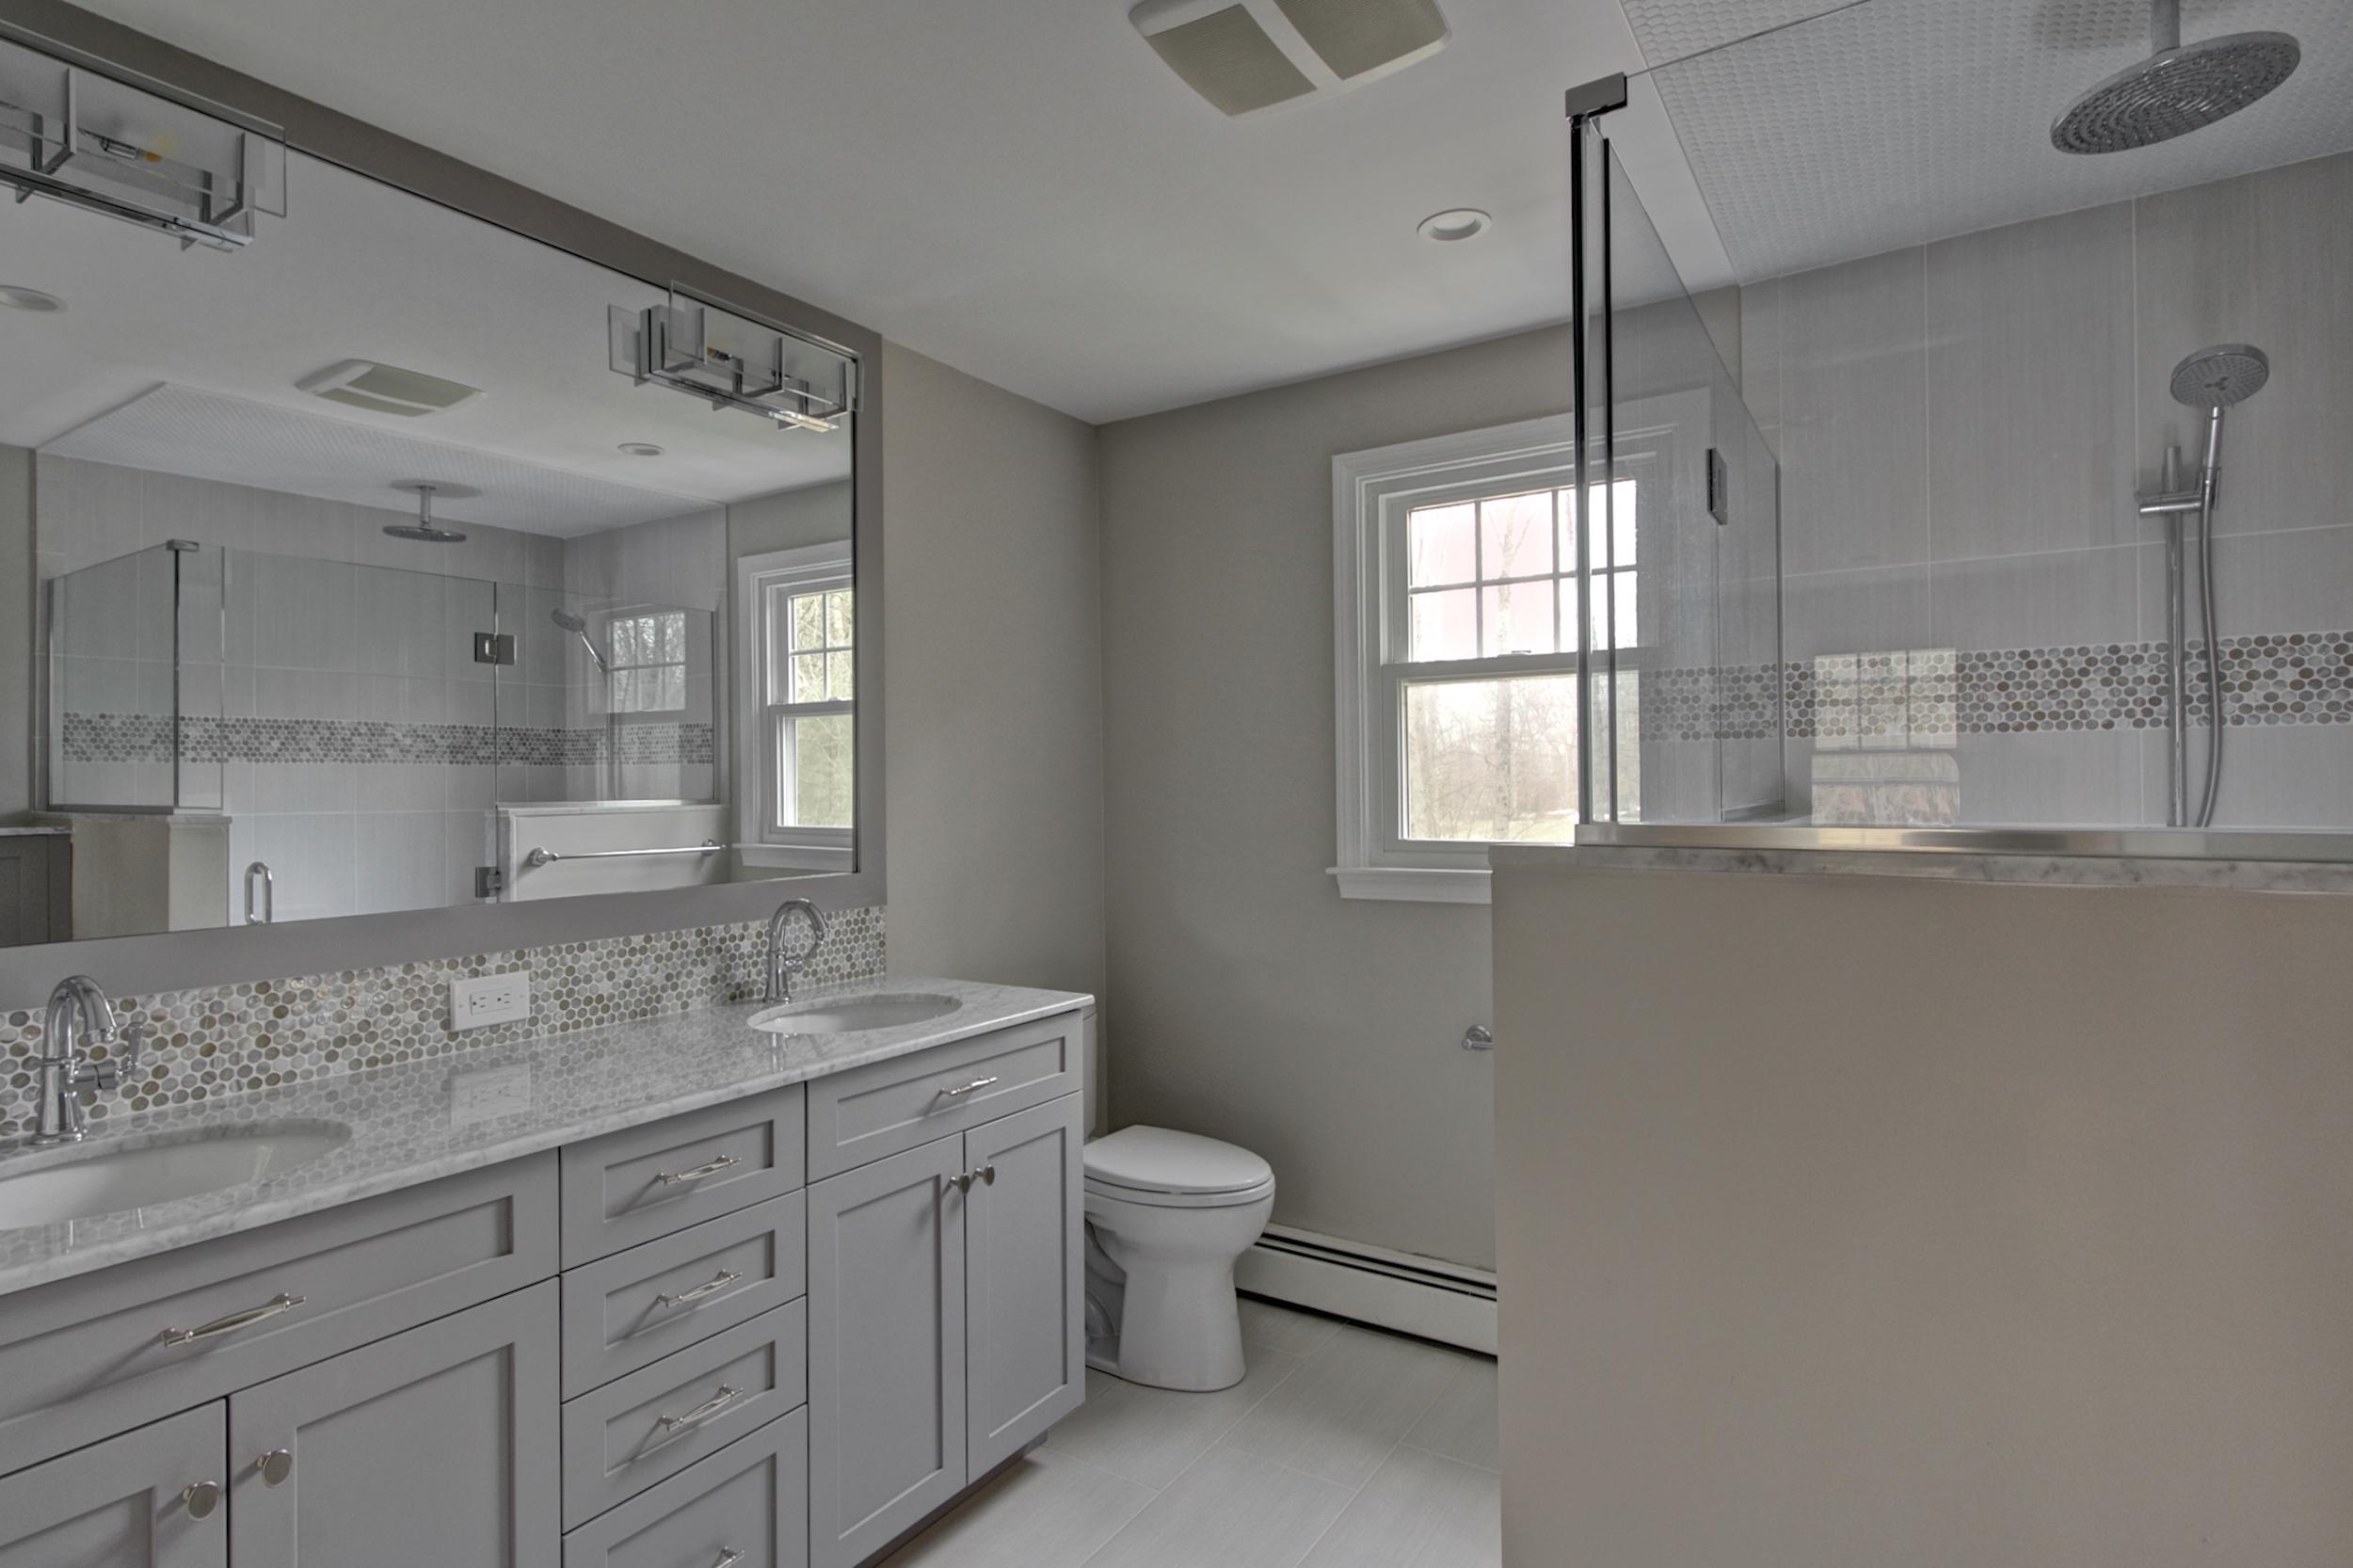 7-KitchenVisions-Master-Baths-Ashlandjpg.jpg